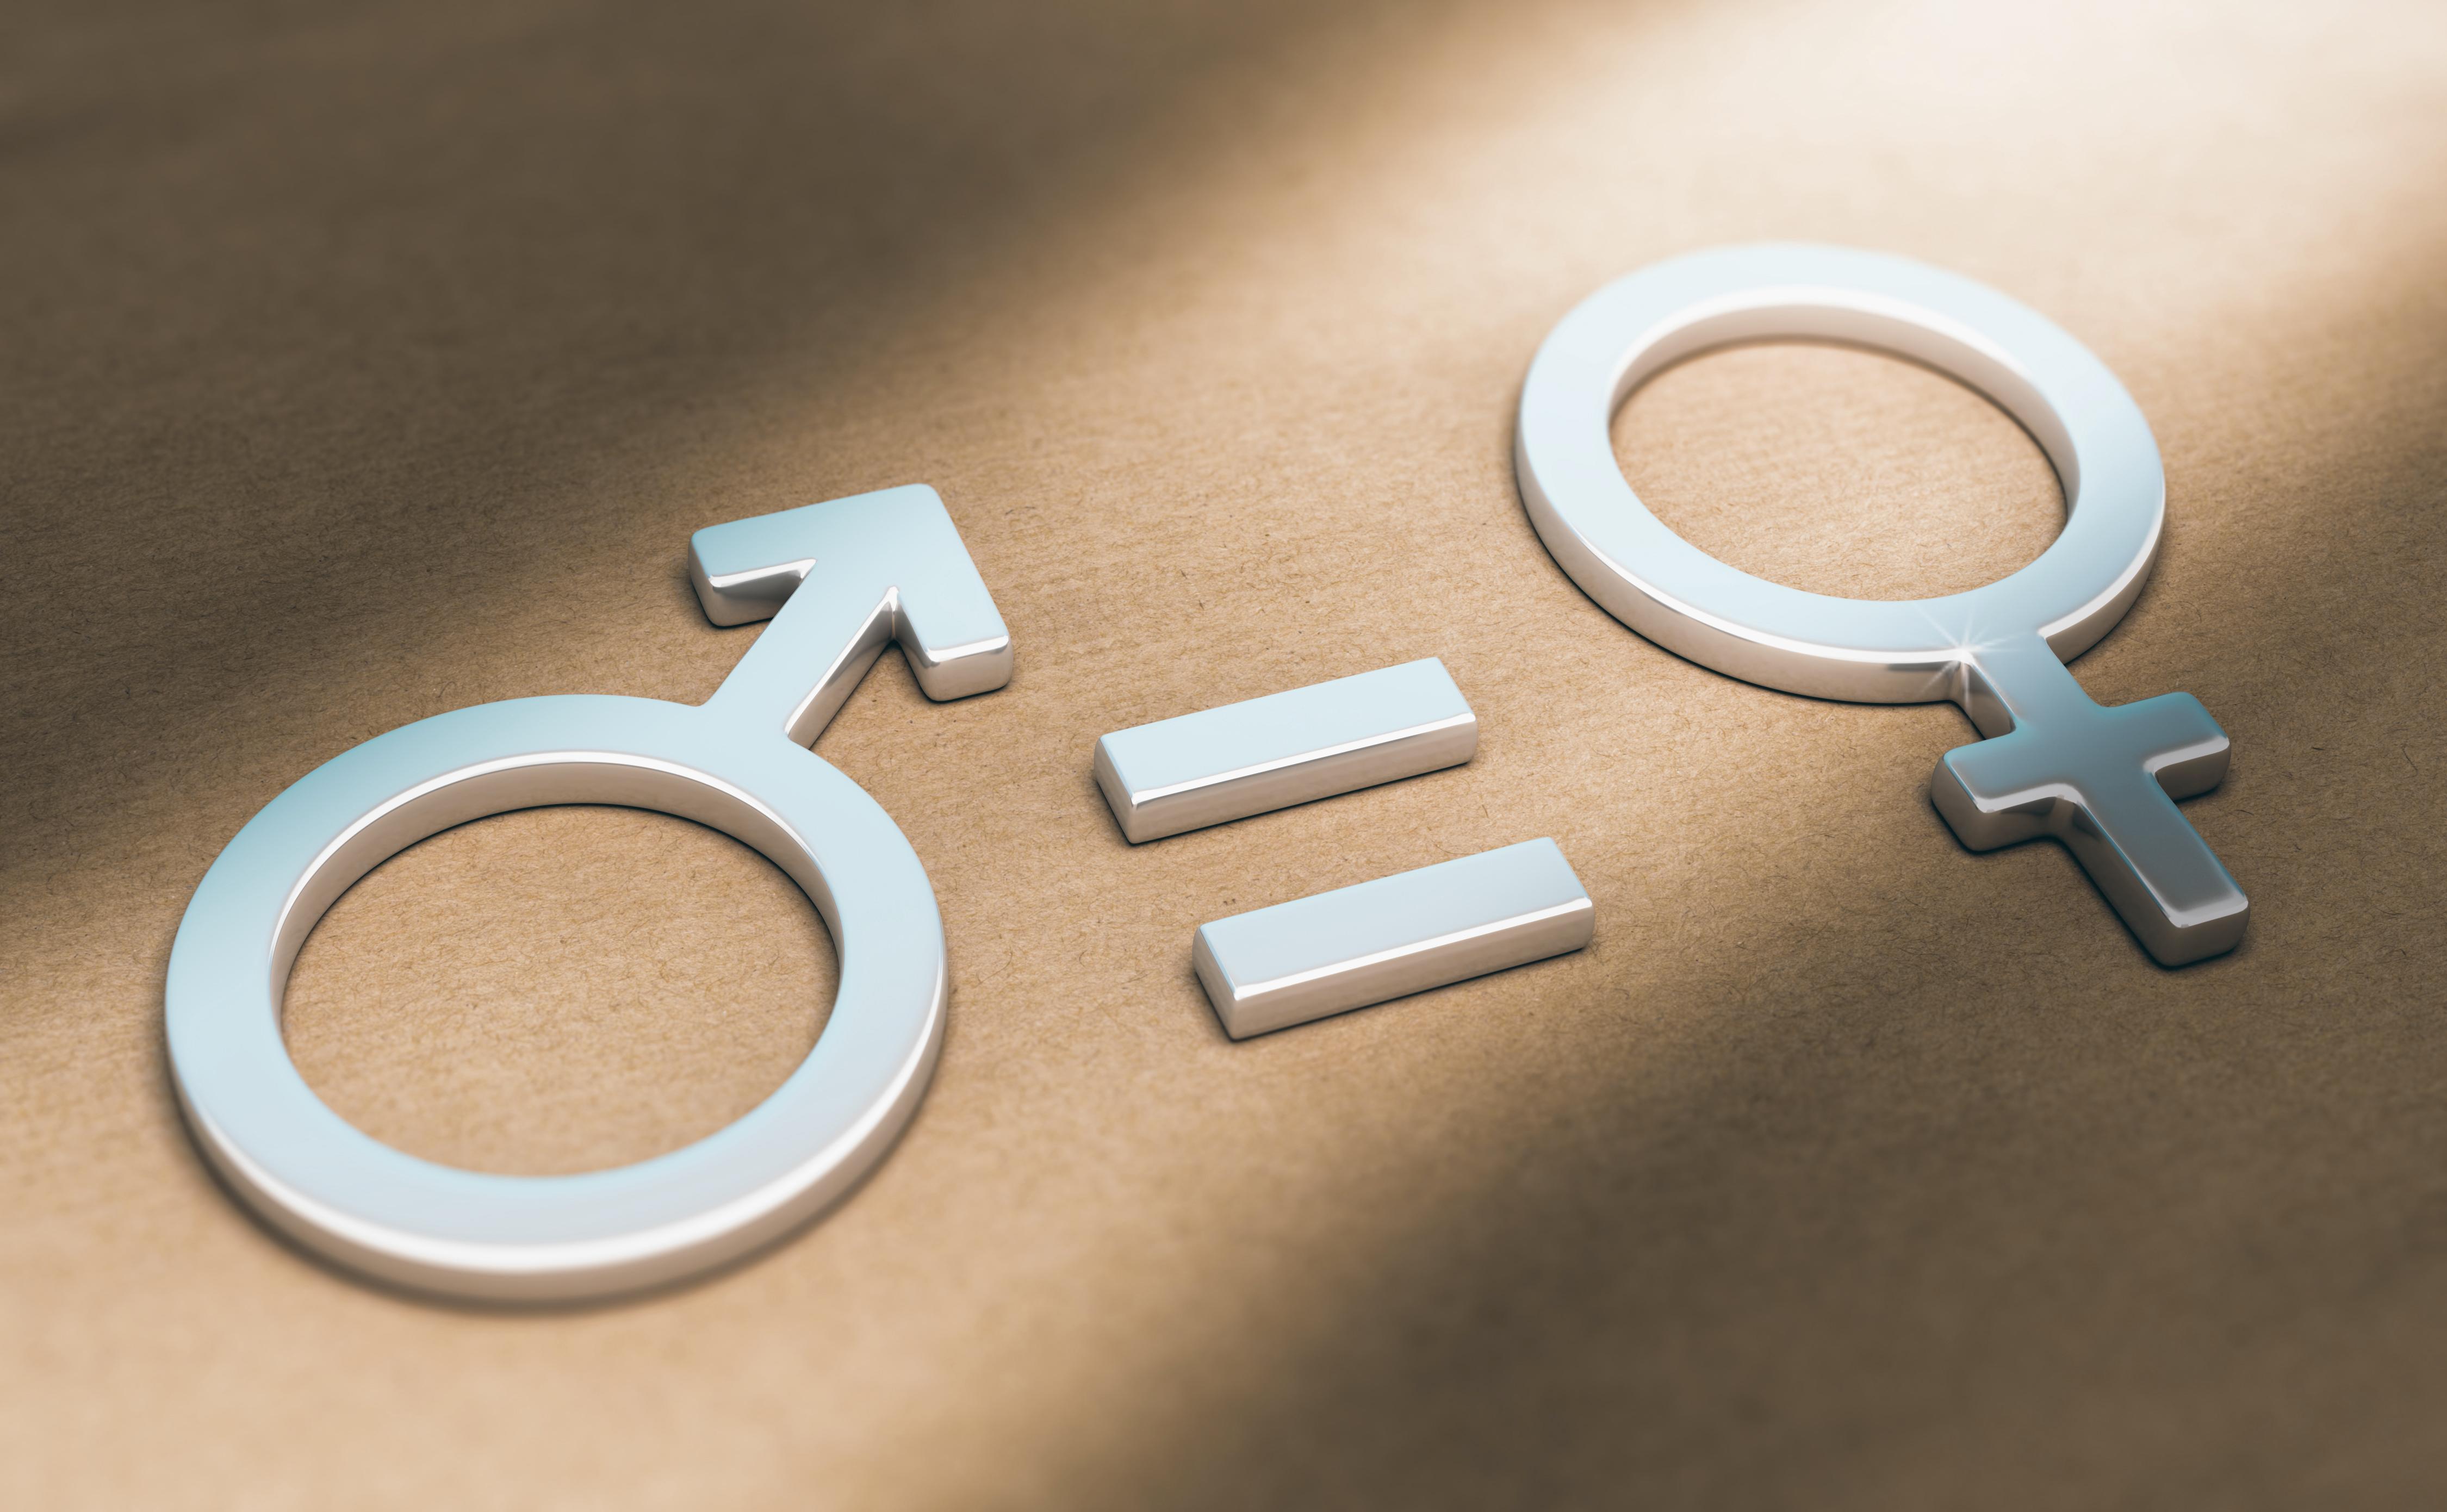 droits des femmes   u00e9galit u00e9   que dit la nouvelle loi